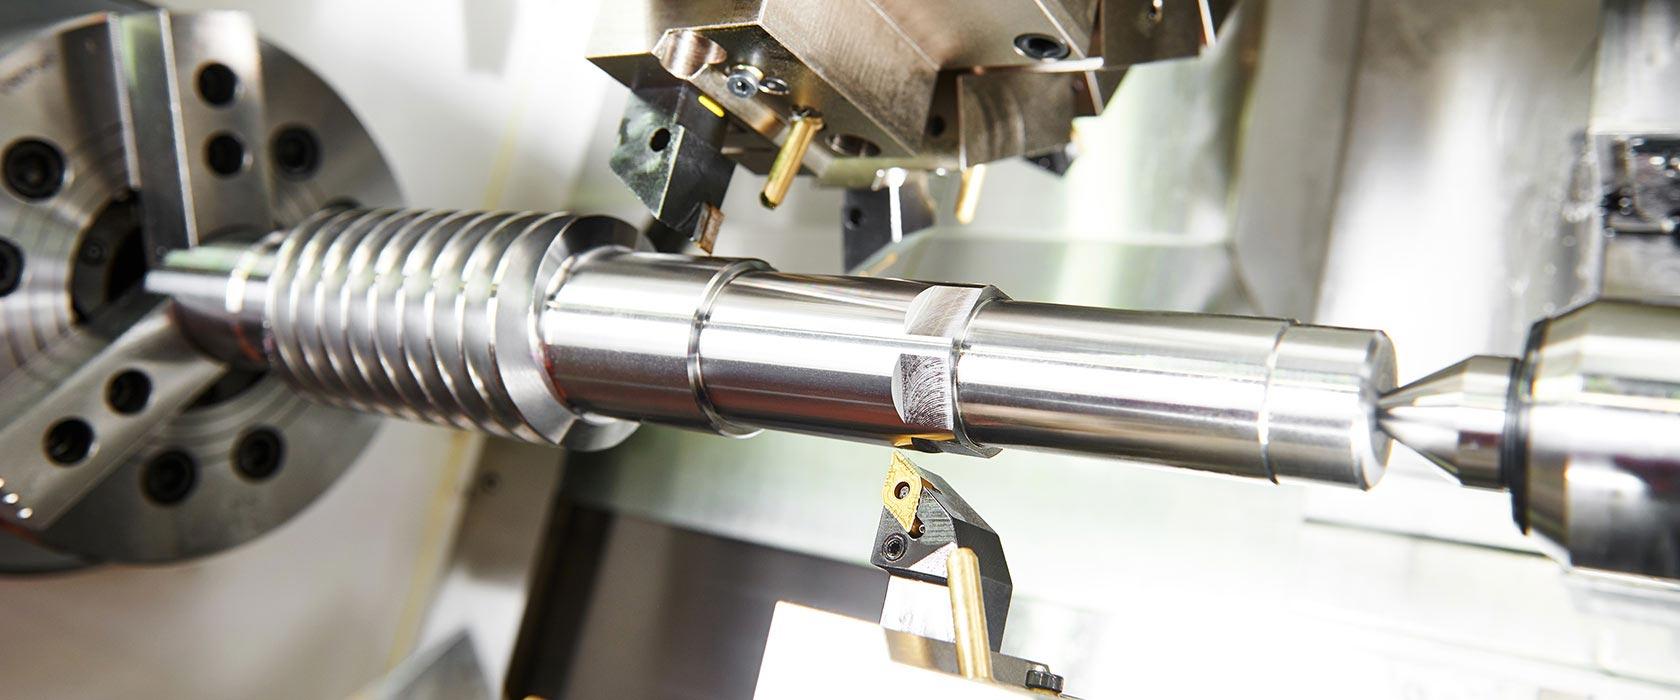 優吉工業 CNC加工、精密加工、彰化CNC加工 精密零件製造